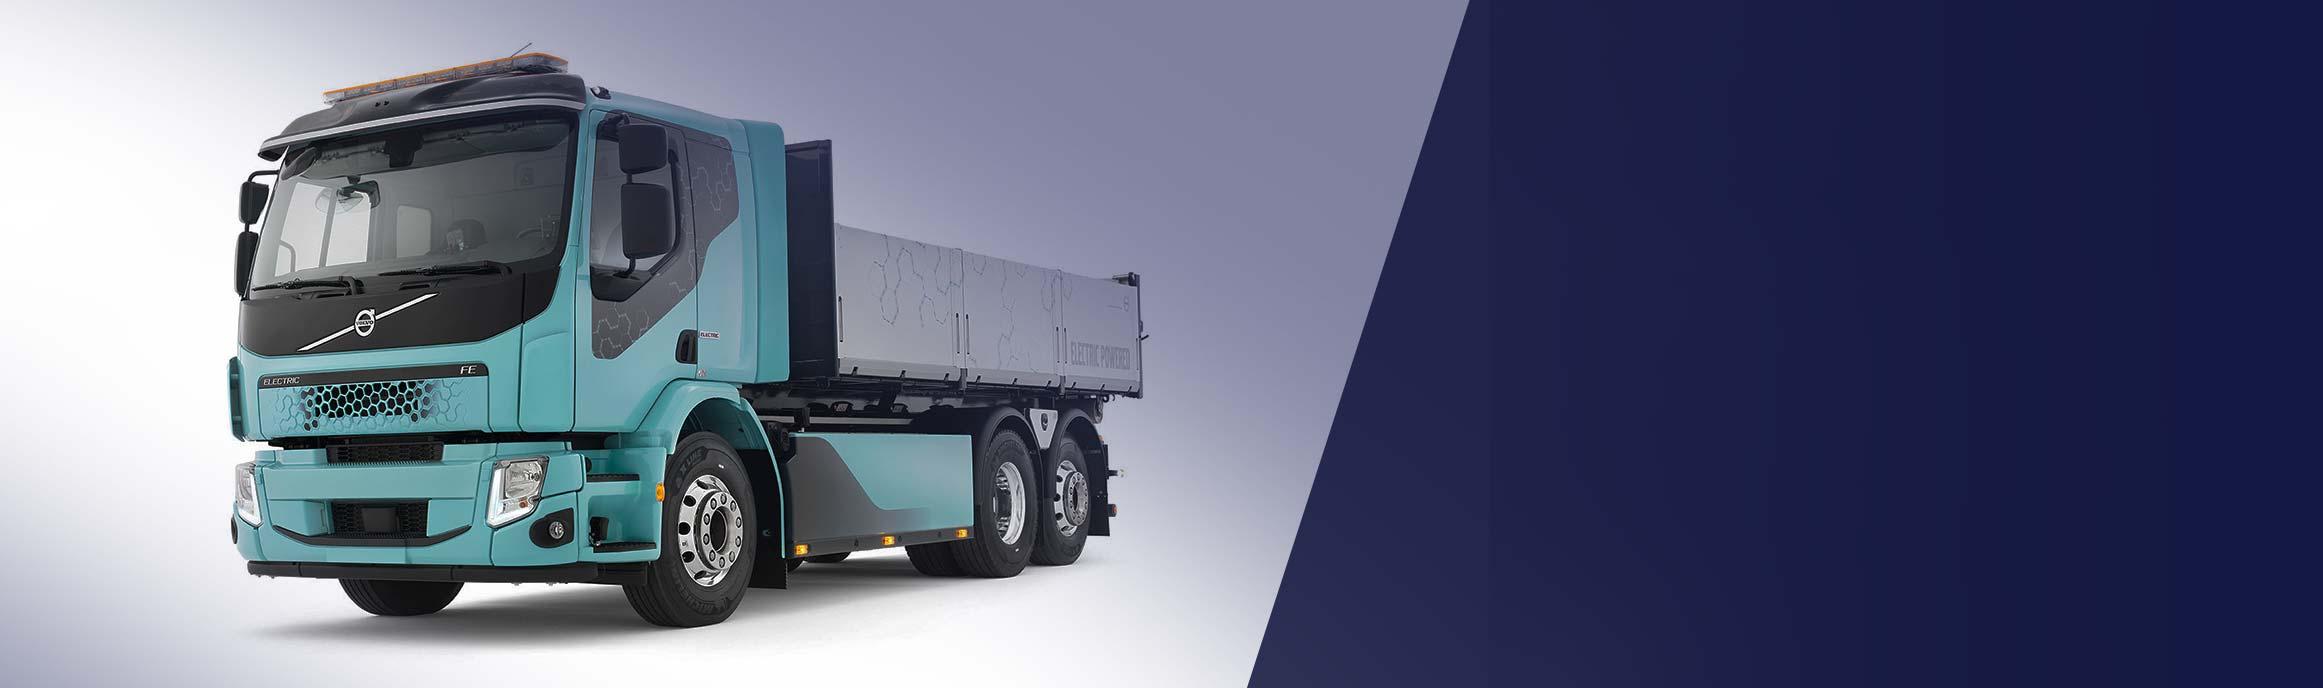 Volvo Trucks toont duurzame transportoplossingen op ReinigingsDemoDagen